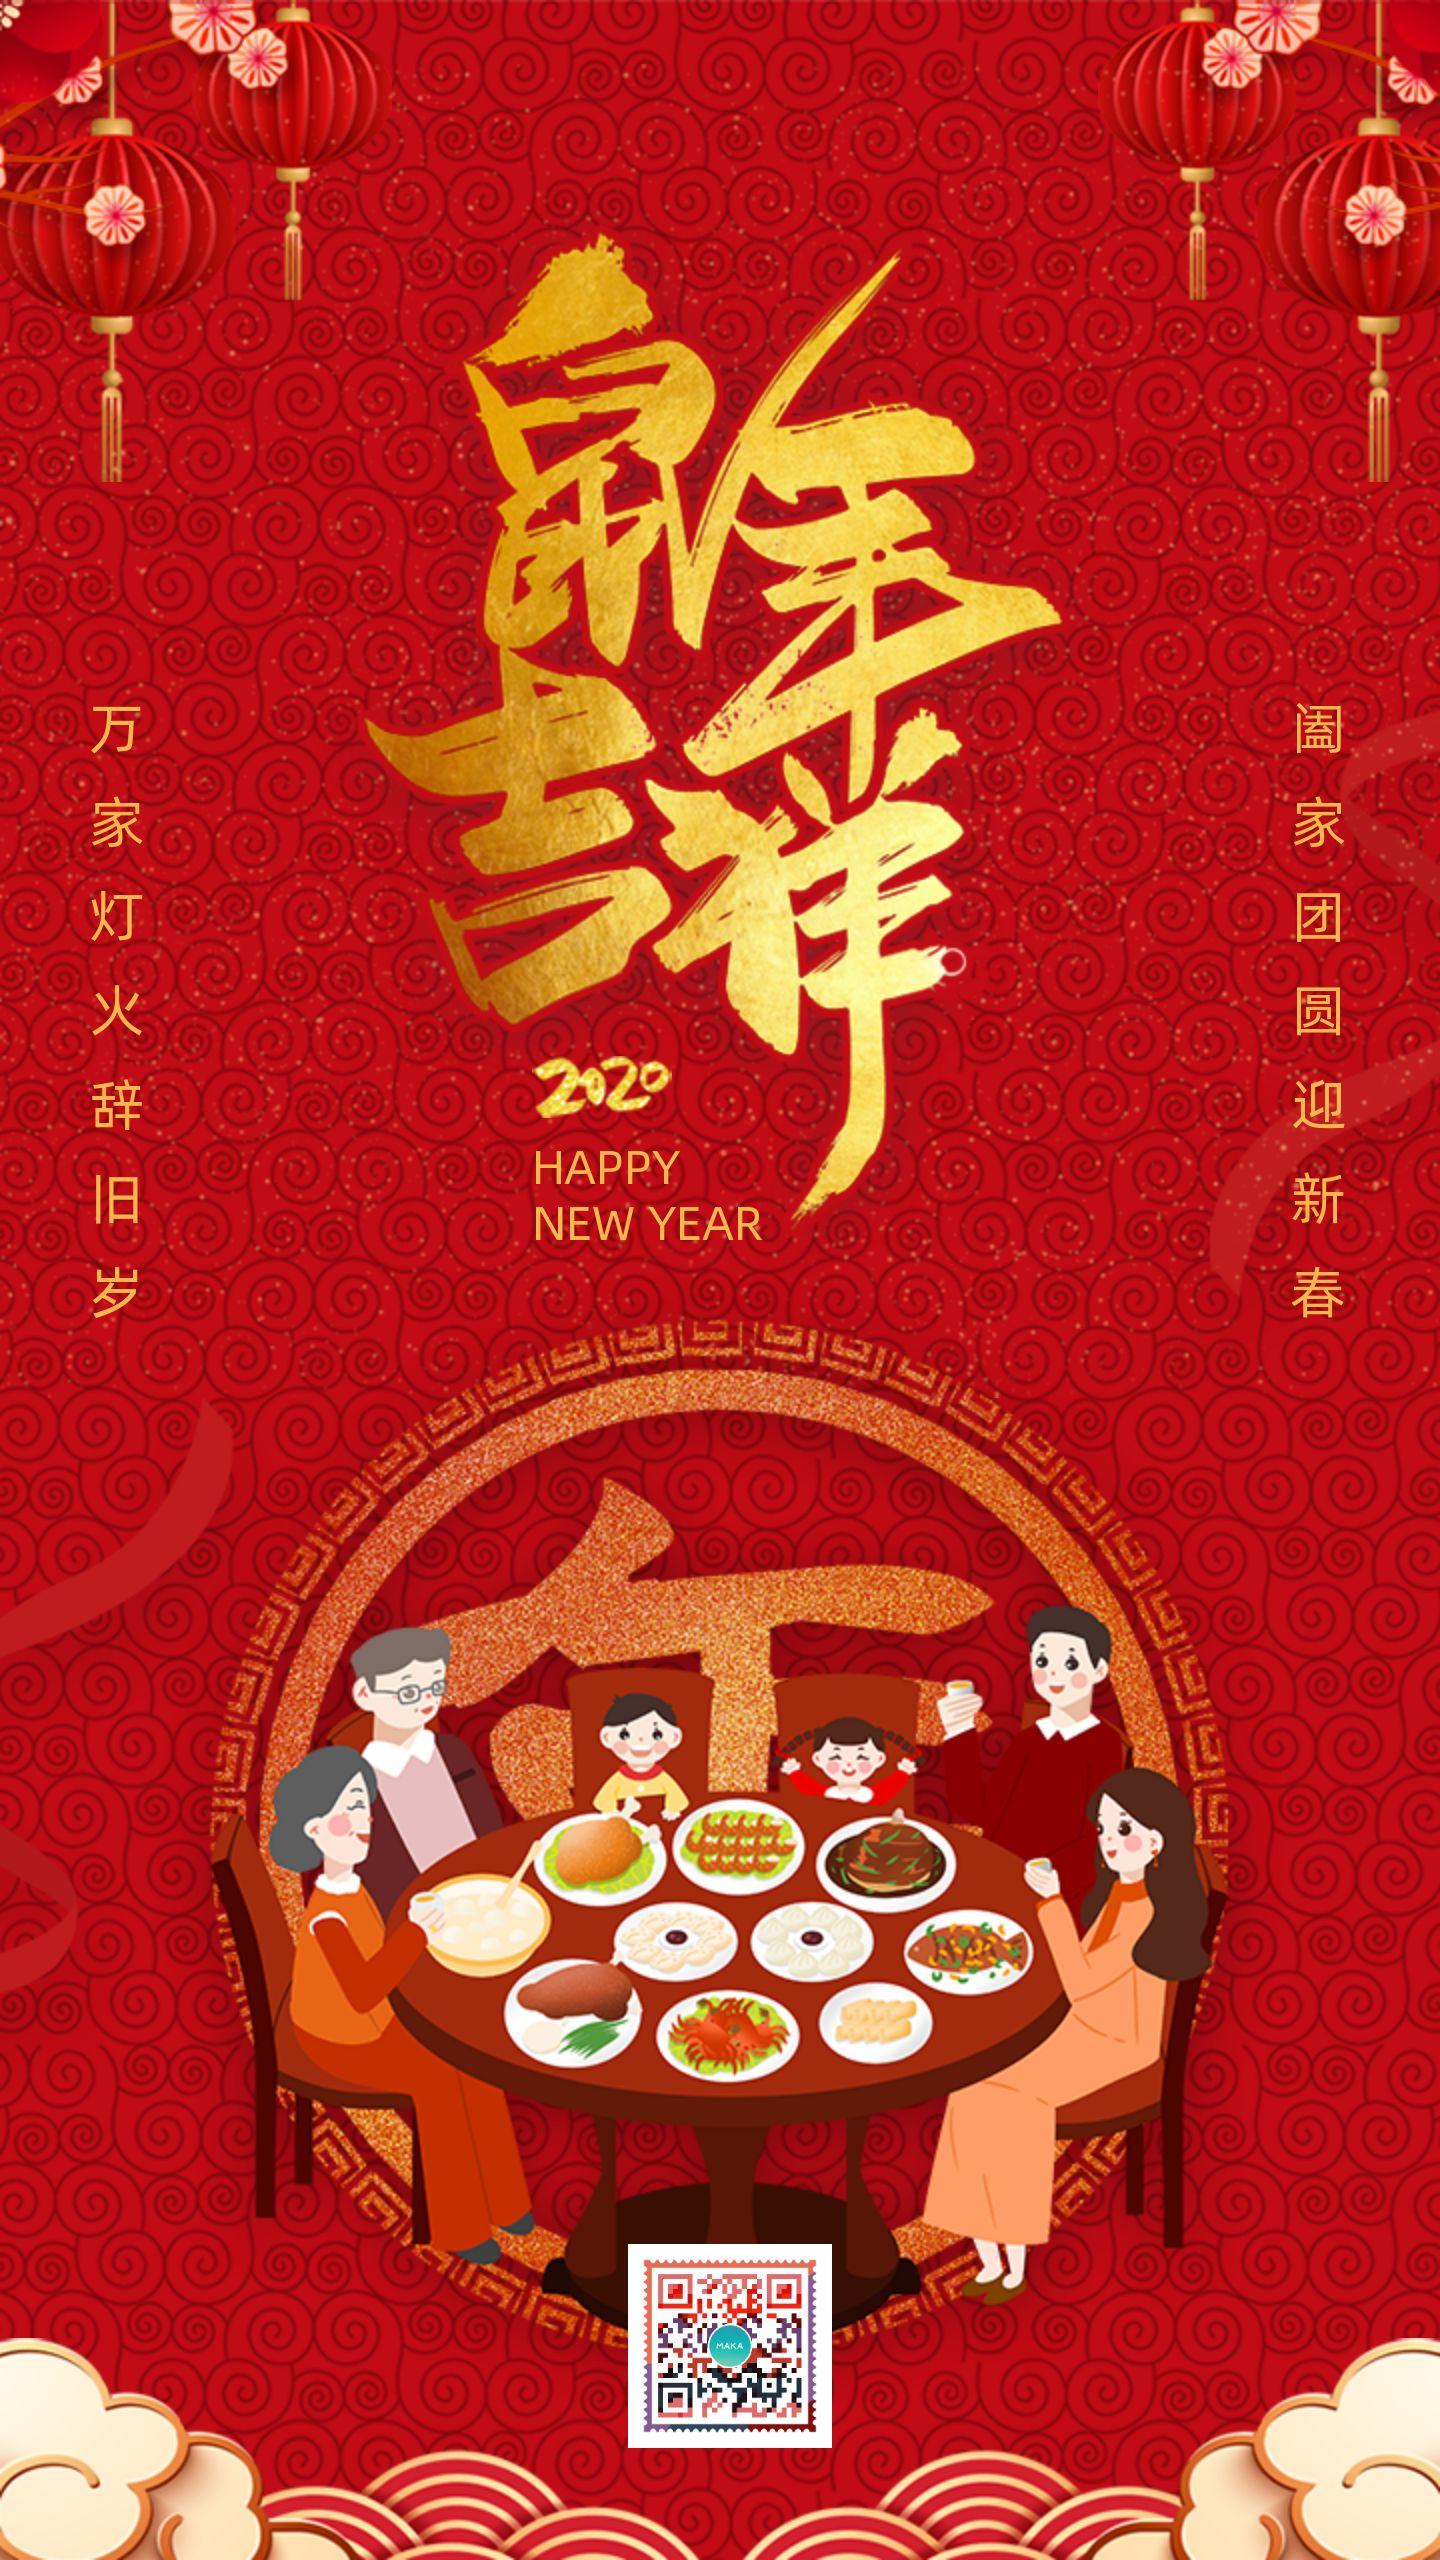 红色简约大气插画设计风格中国传统节日鼠年春节祝福宣传海报